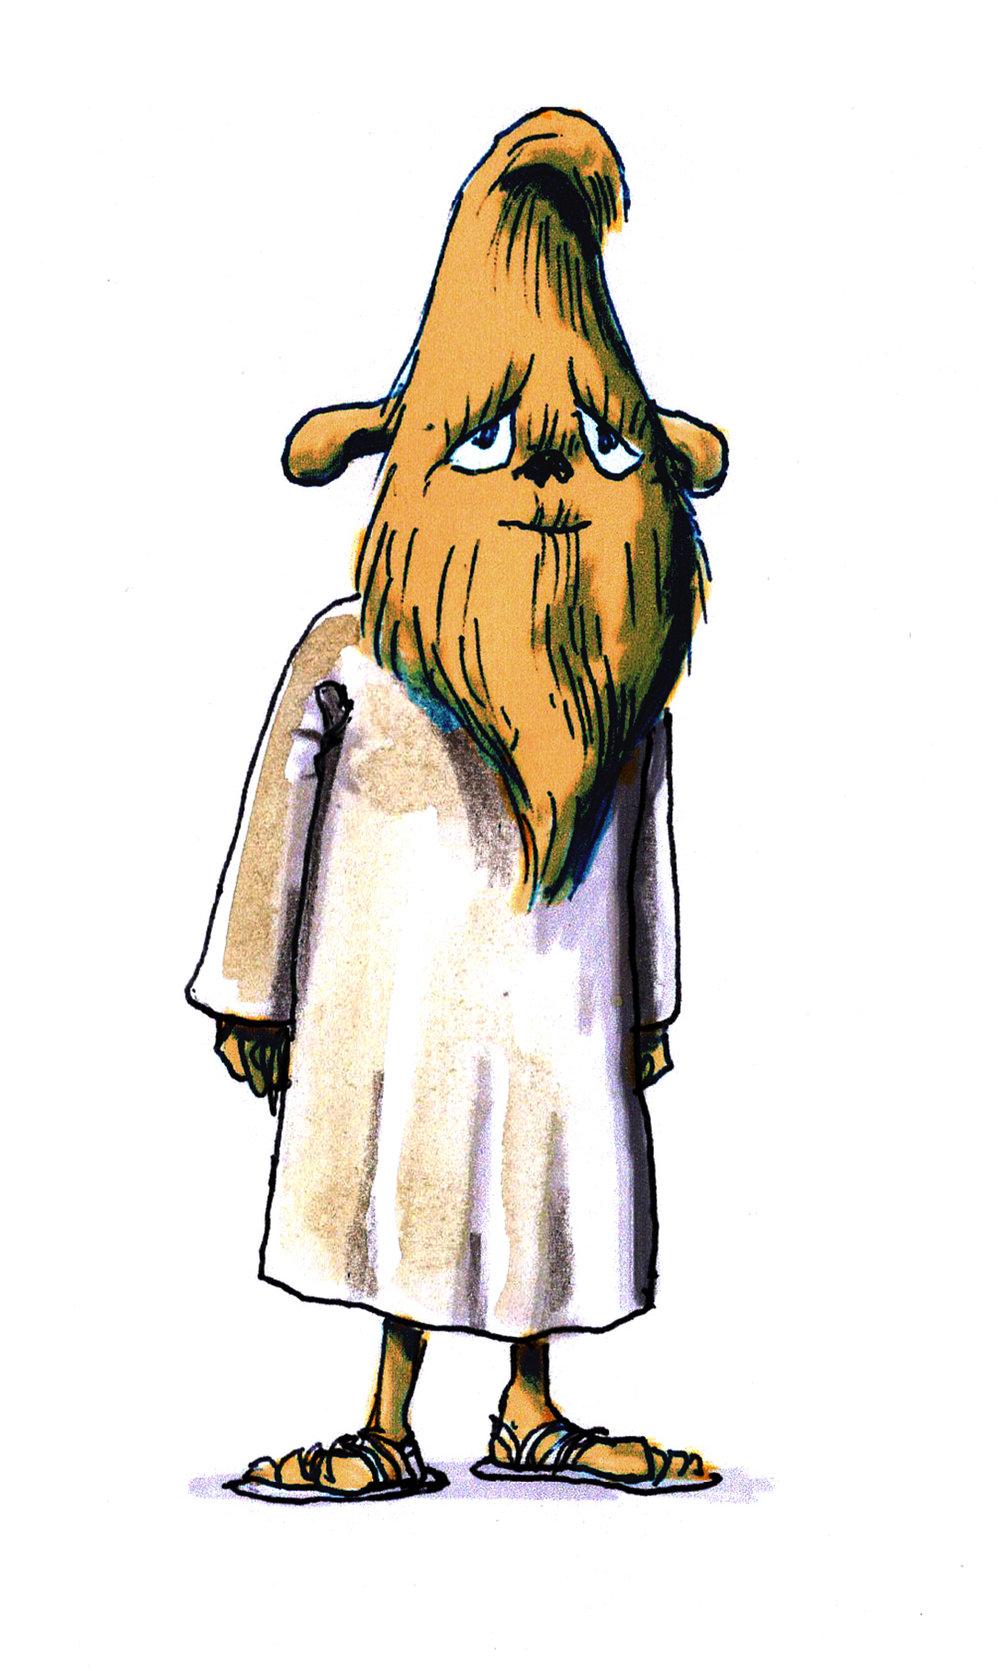 alloro - Xamã - Alloro foi o mentor de Ruffalo e Xamã da Casa dos Alimentos e dos Sabores. Foi ele que ensinou tudo ao Ruffalo, e o Ruffalo faz tudo para viver de uma forma de que o Alloro se orgulhasse.